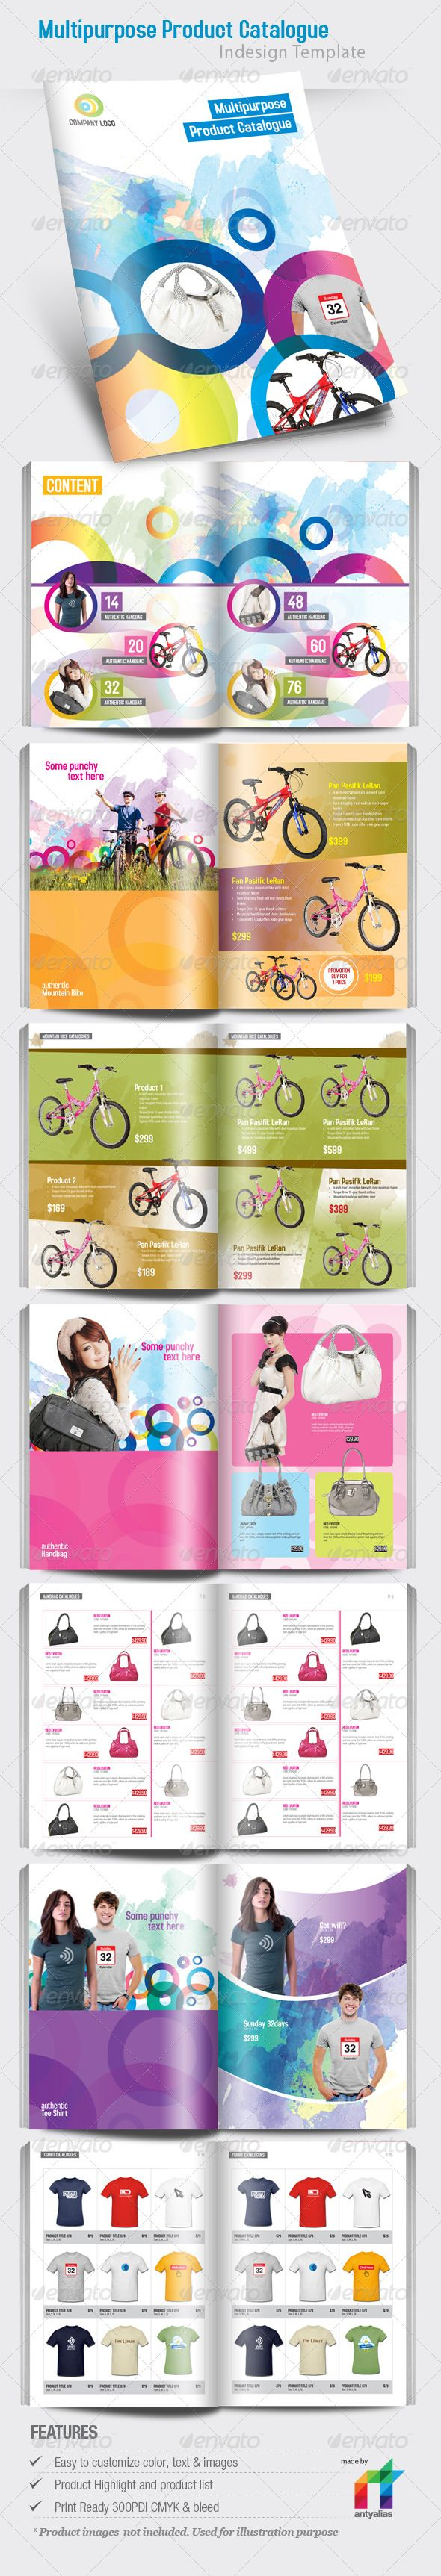 Multipurpose Product Catalogue Indesign Template | Diseño de ...